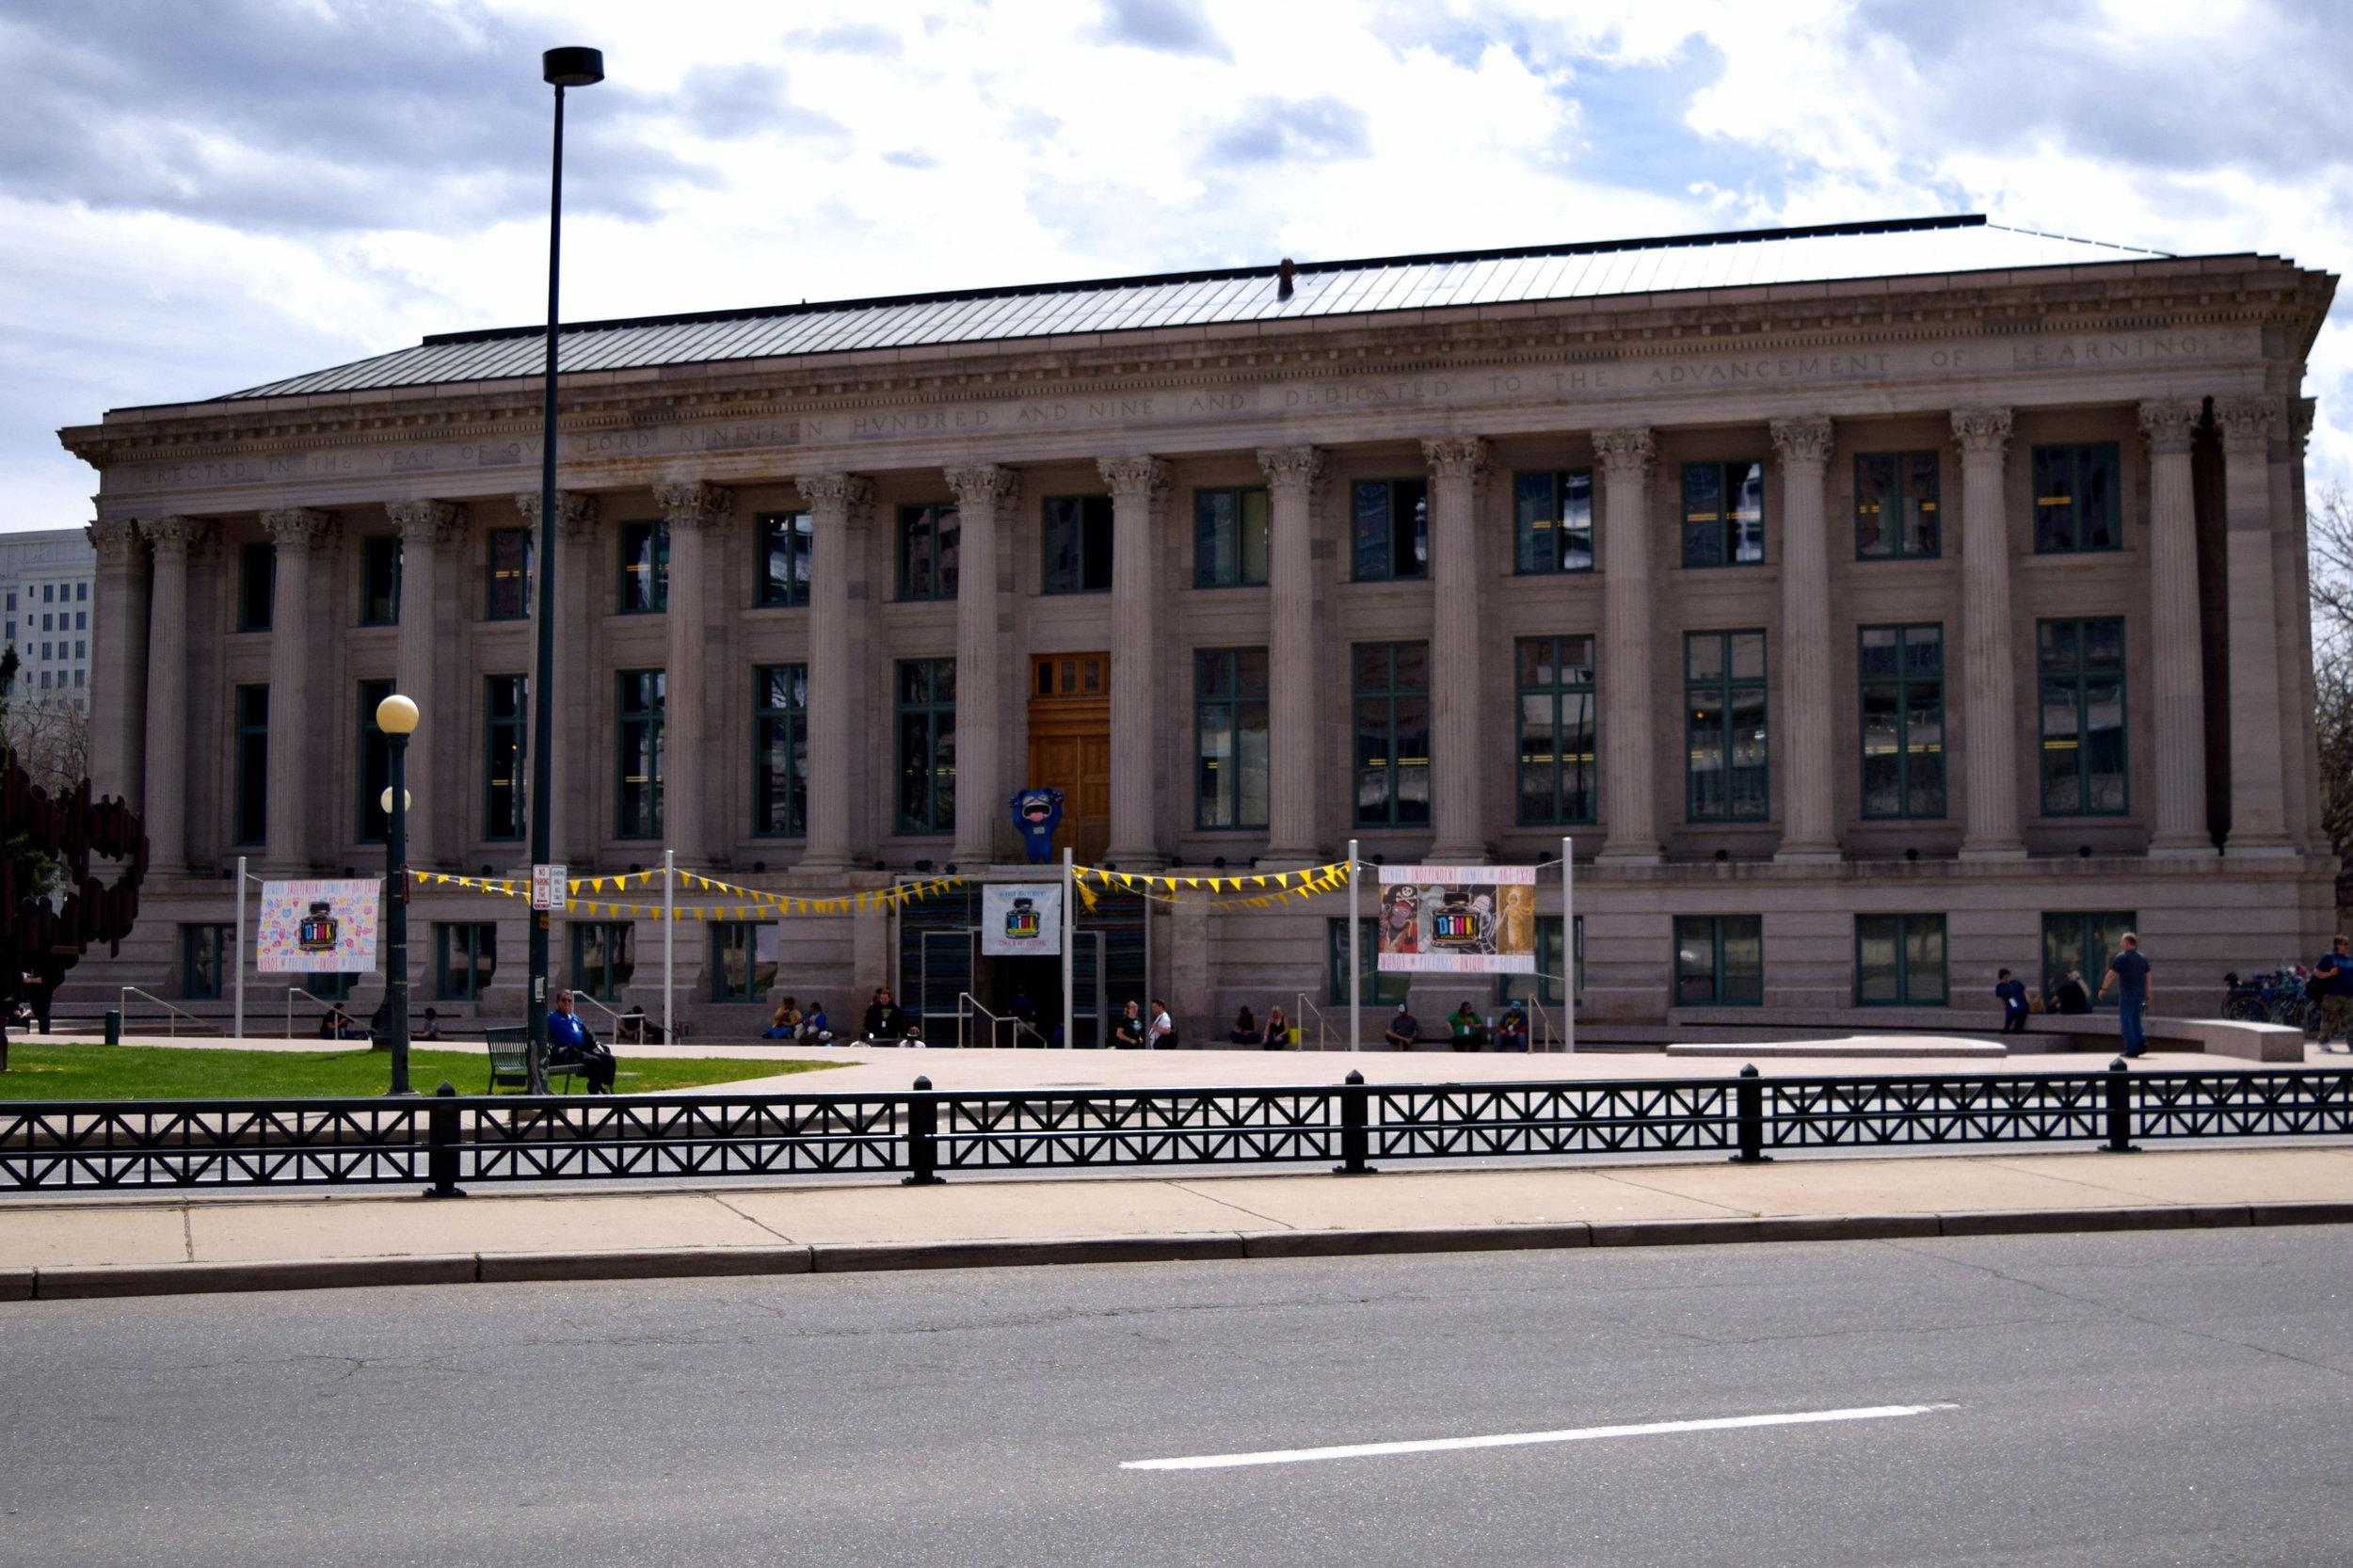 The McNichols Civic Center.